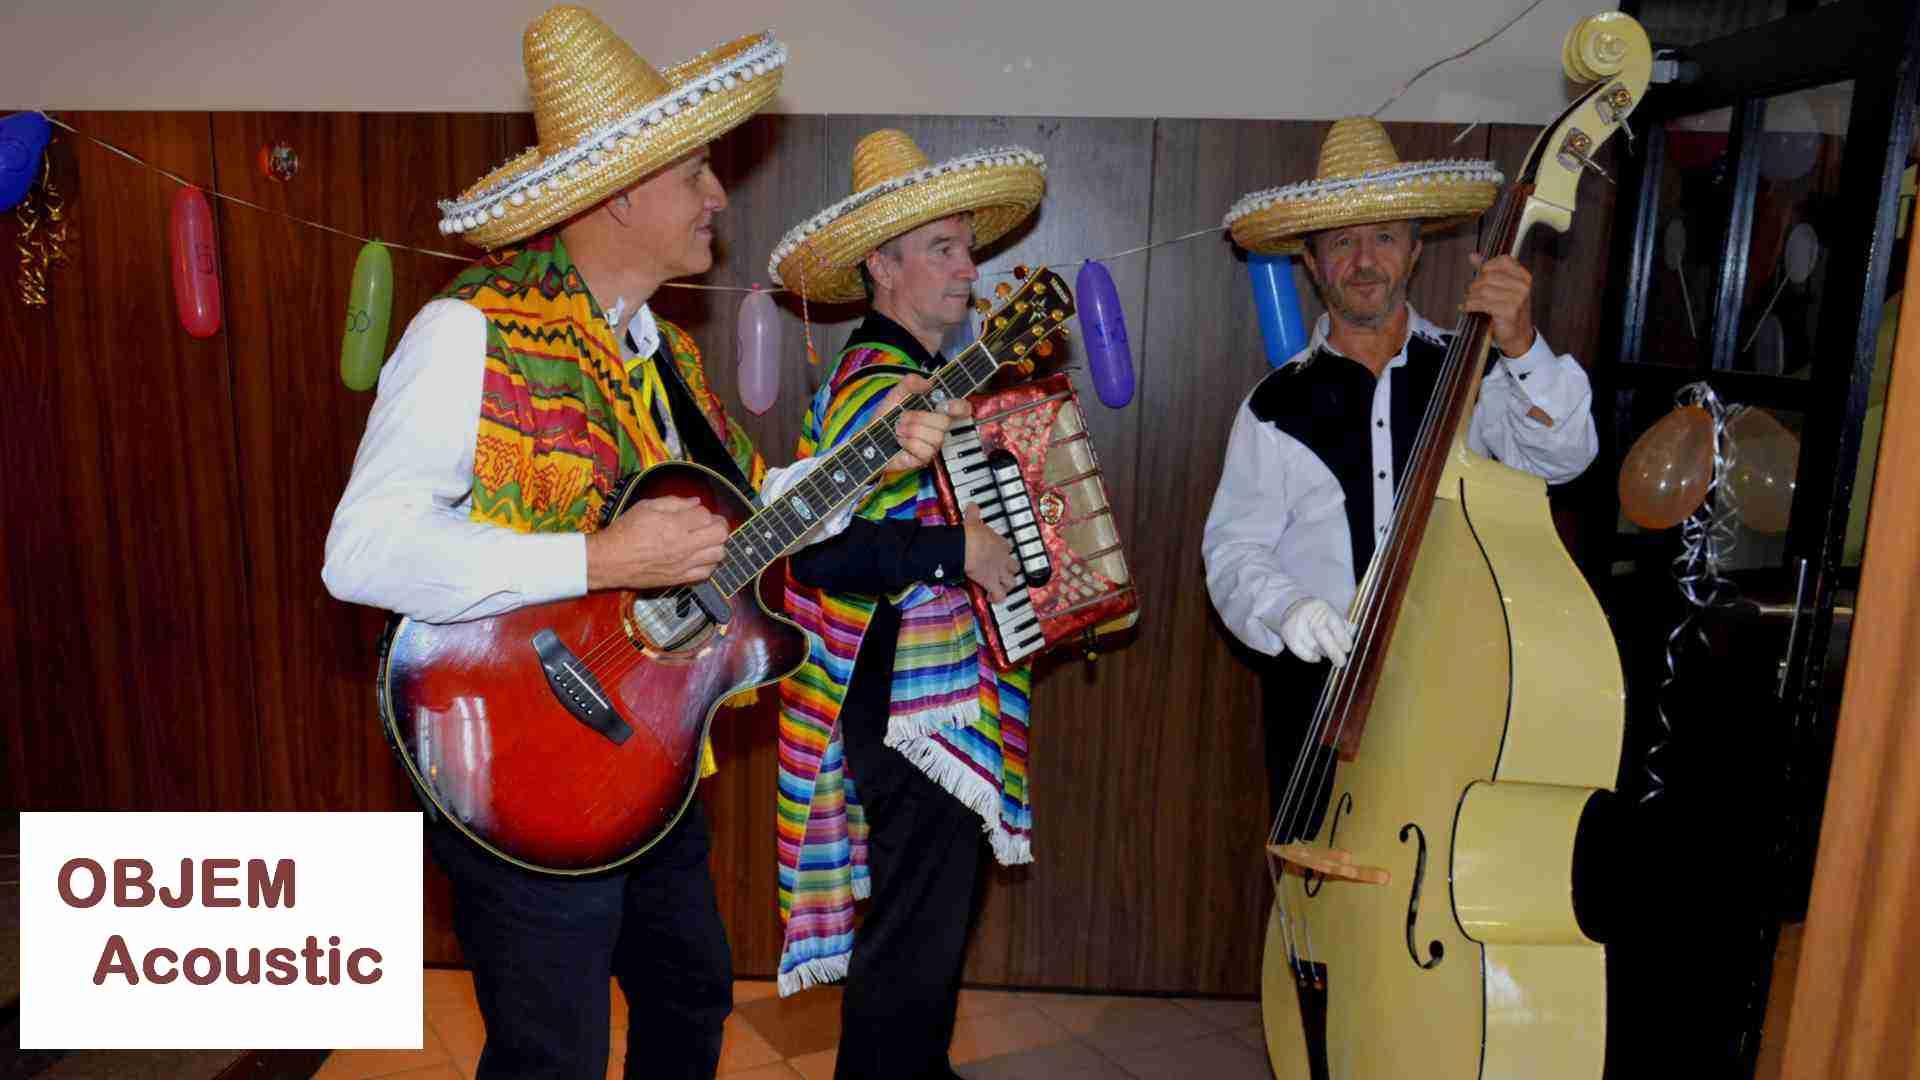 AKUSTIČNA SKUPINA TRIO BAND - Ansambel Acoustic trio za poroko, zabavo, rojstni dan, abrahama, žurko, praznovanje, fešto, obletnico poroke.